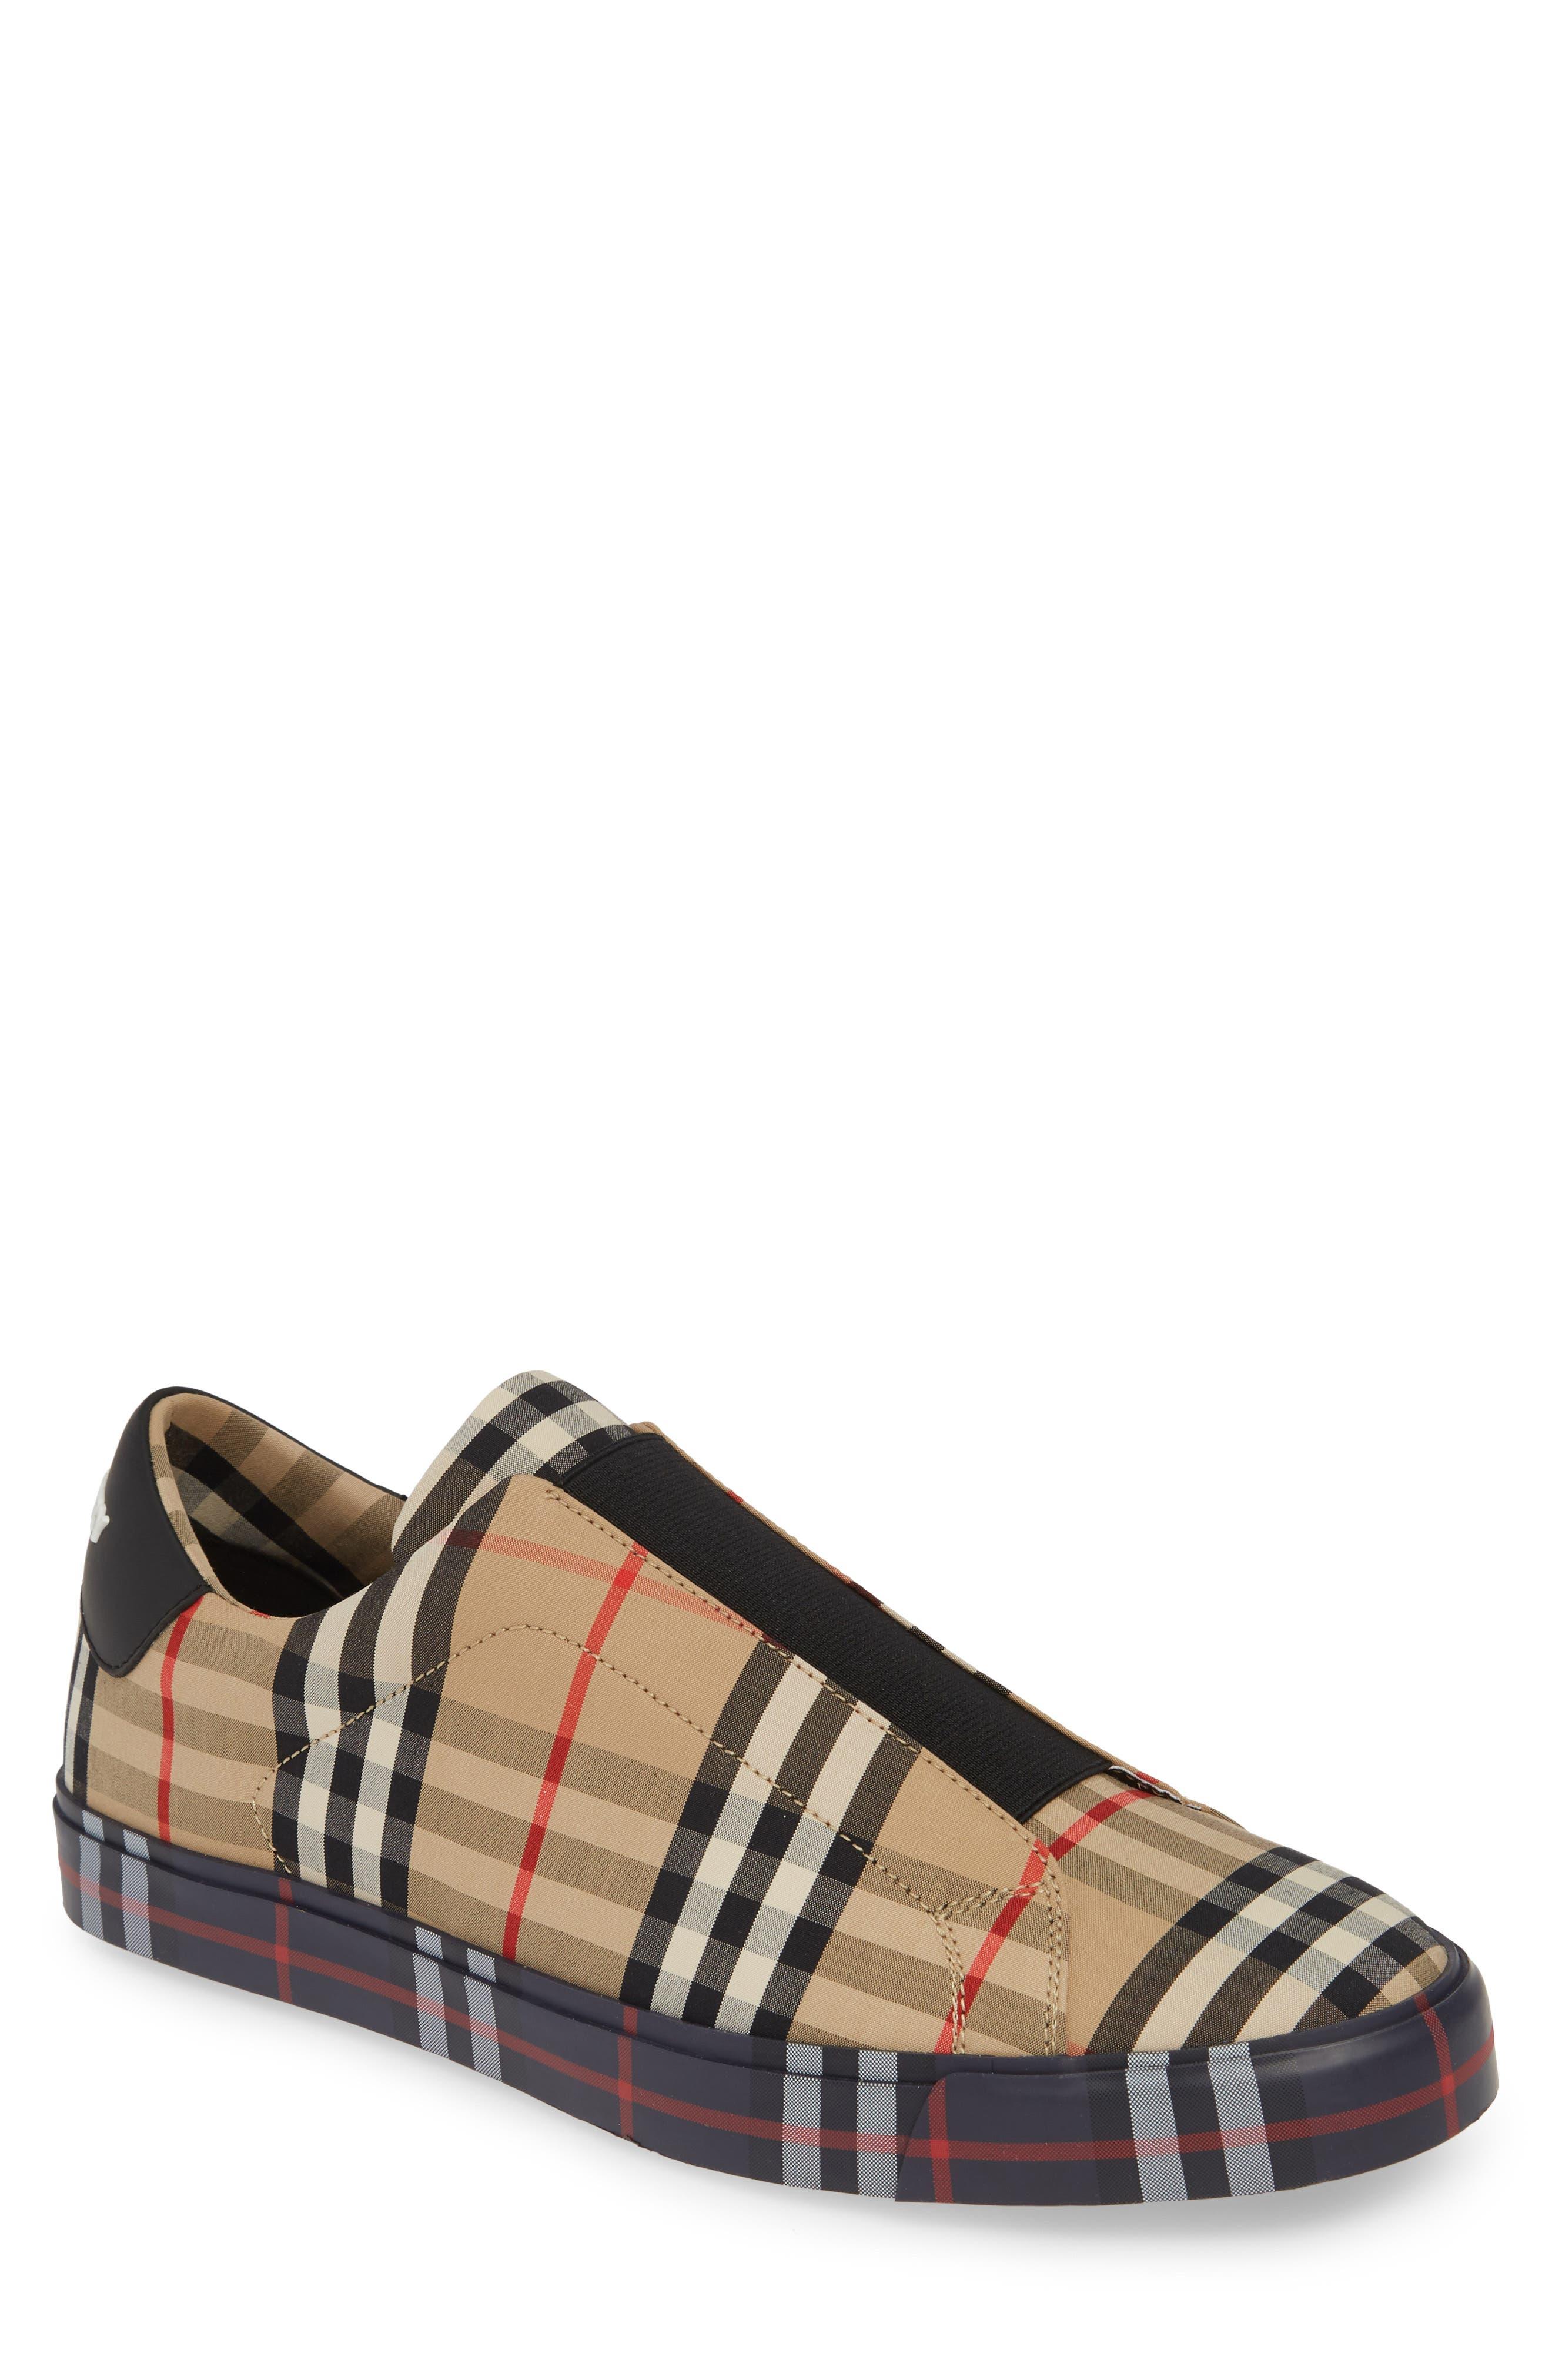 designer shoes for men on sale